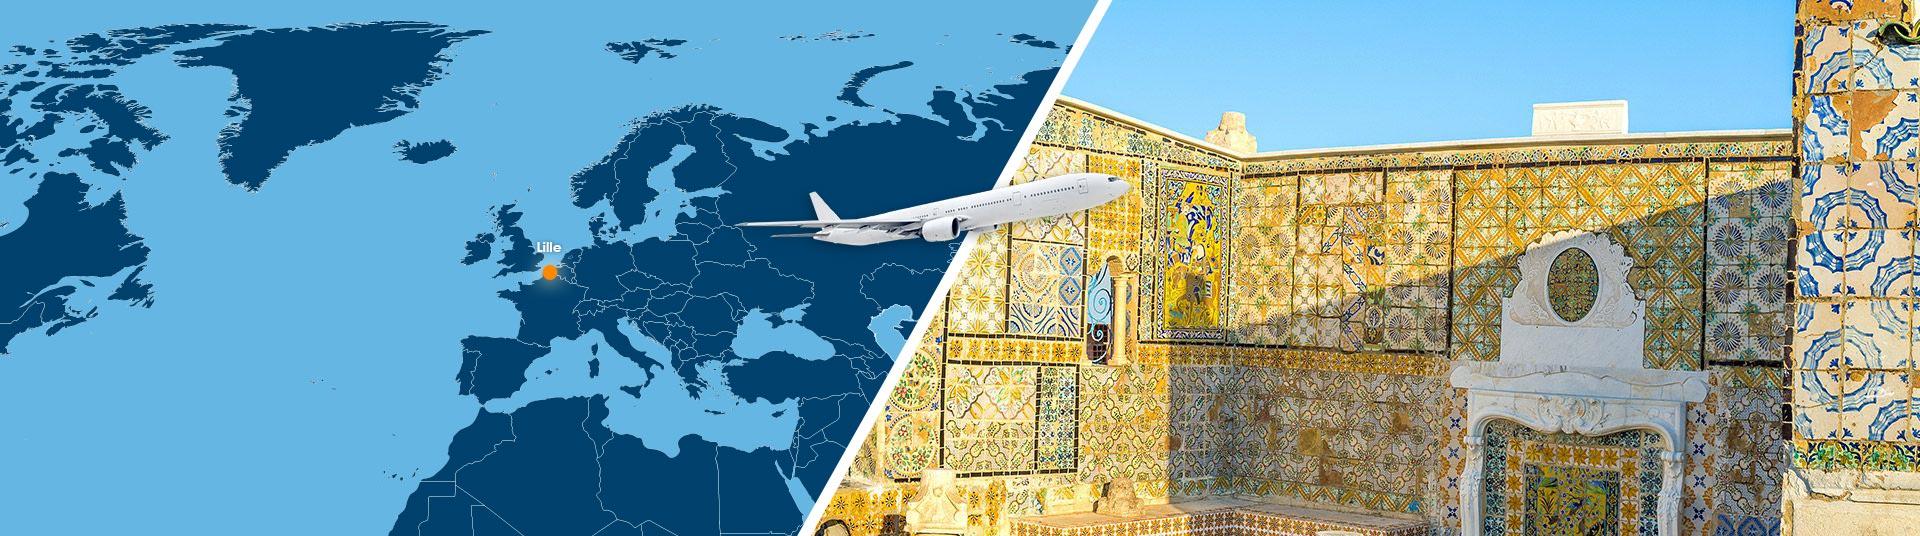 voyage tunisie depart lille